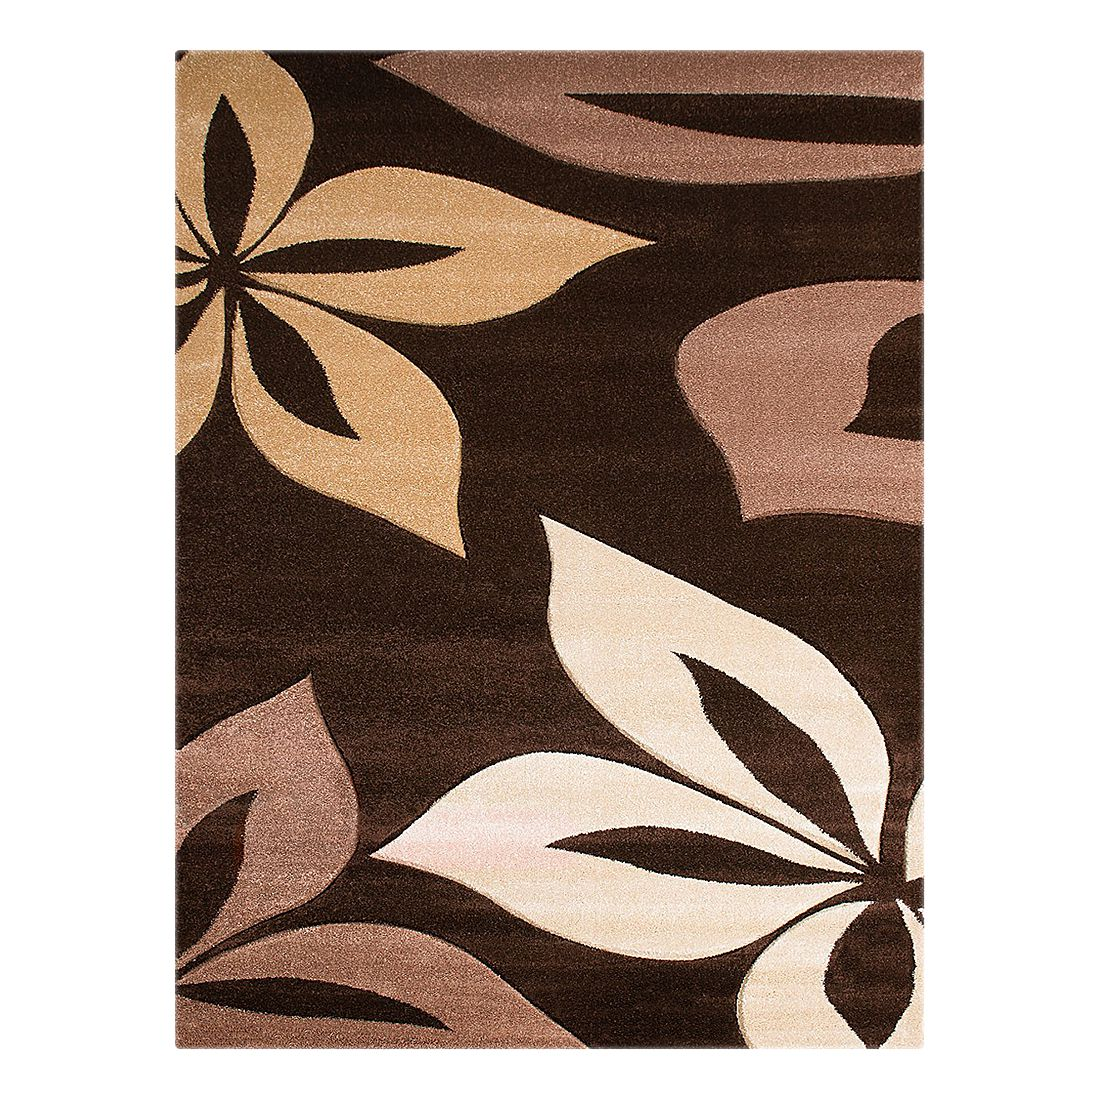 Teppich Nea Blumen – Schoko – 80 x 150 cm, Testil günstig kaufen